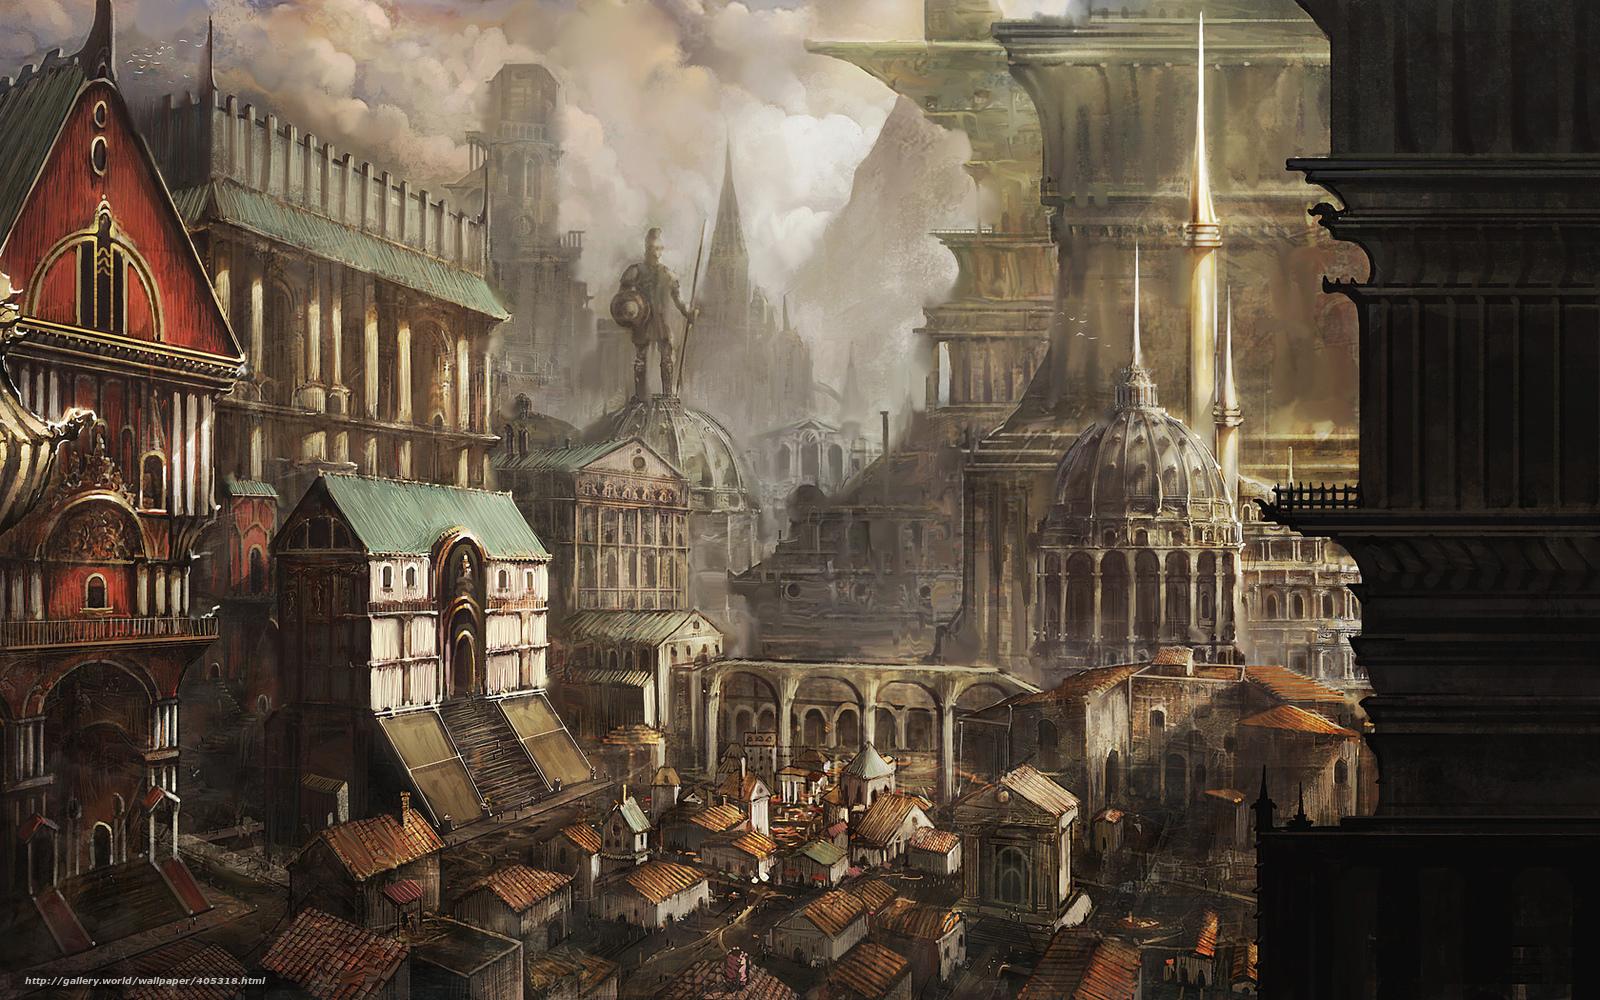 Fantasy art city - photo#19